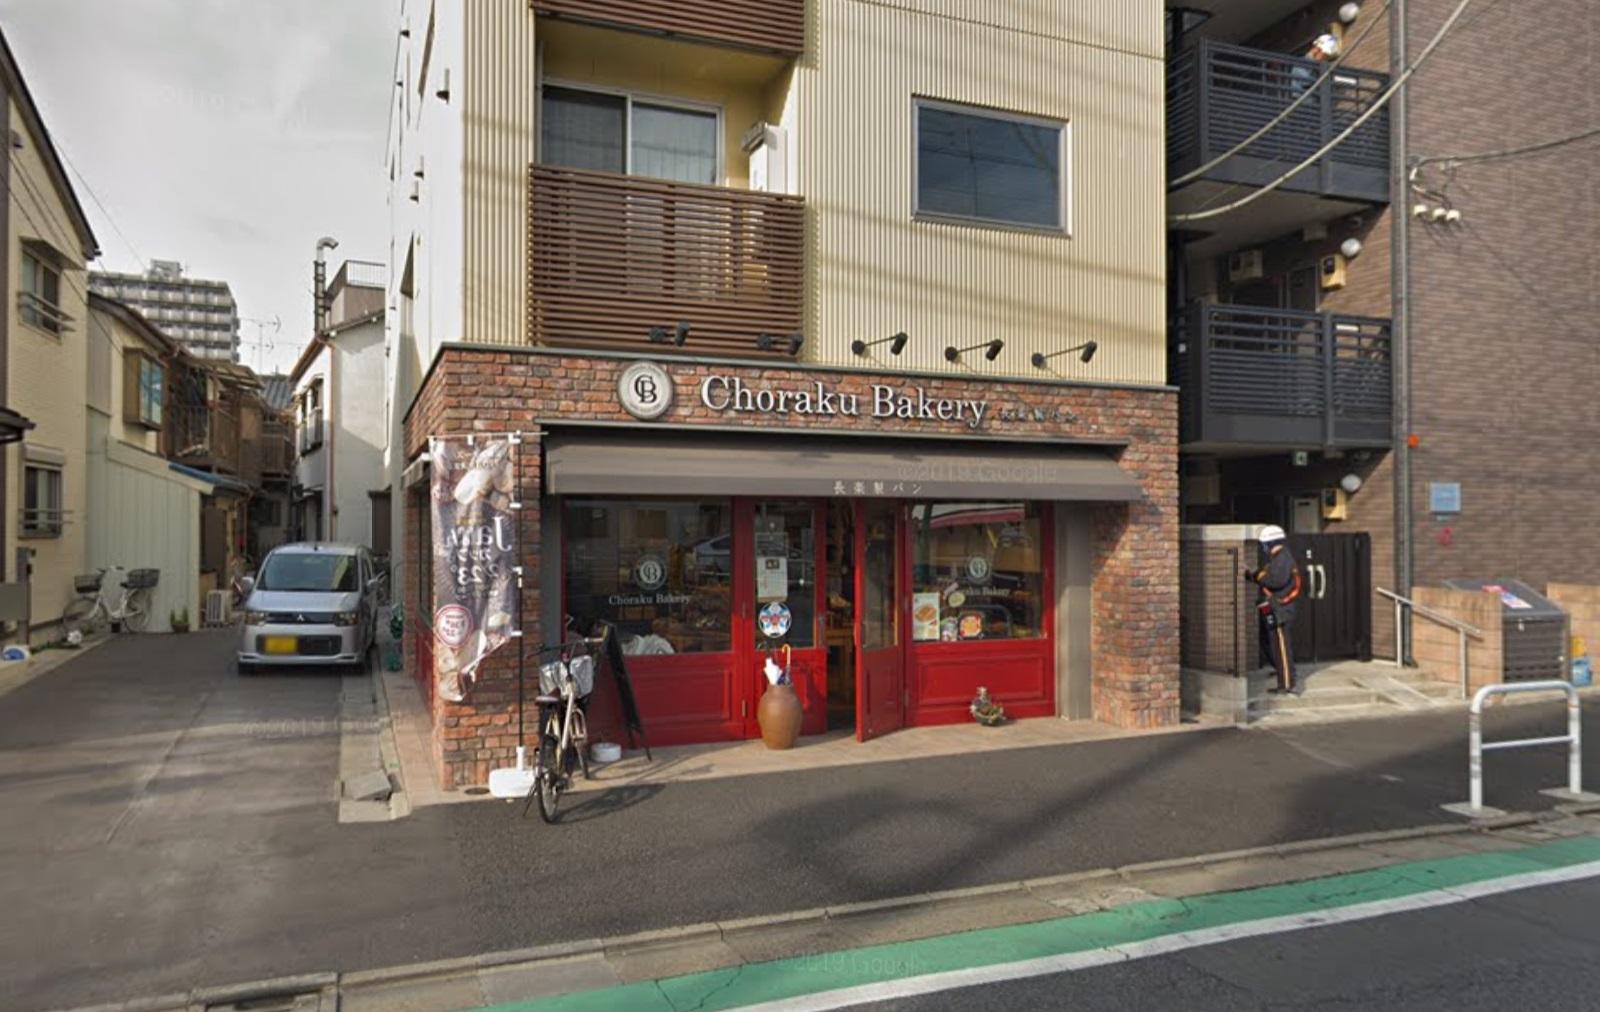 Choraku Bakery